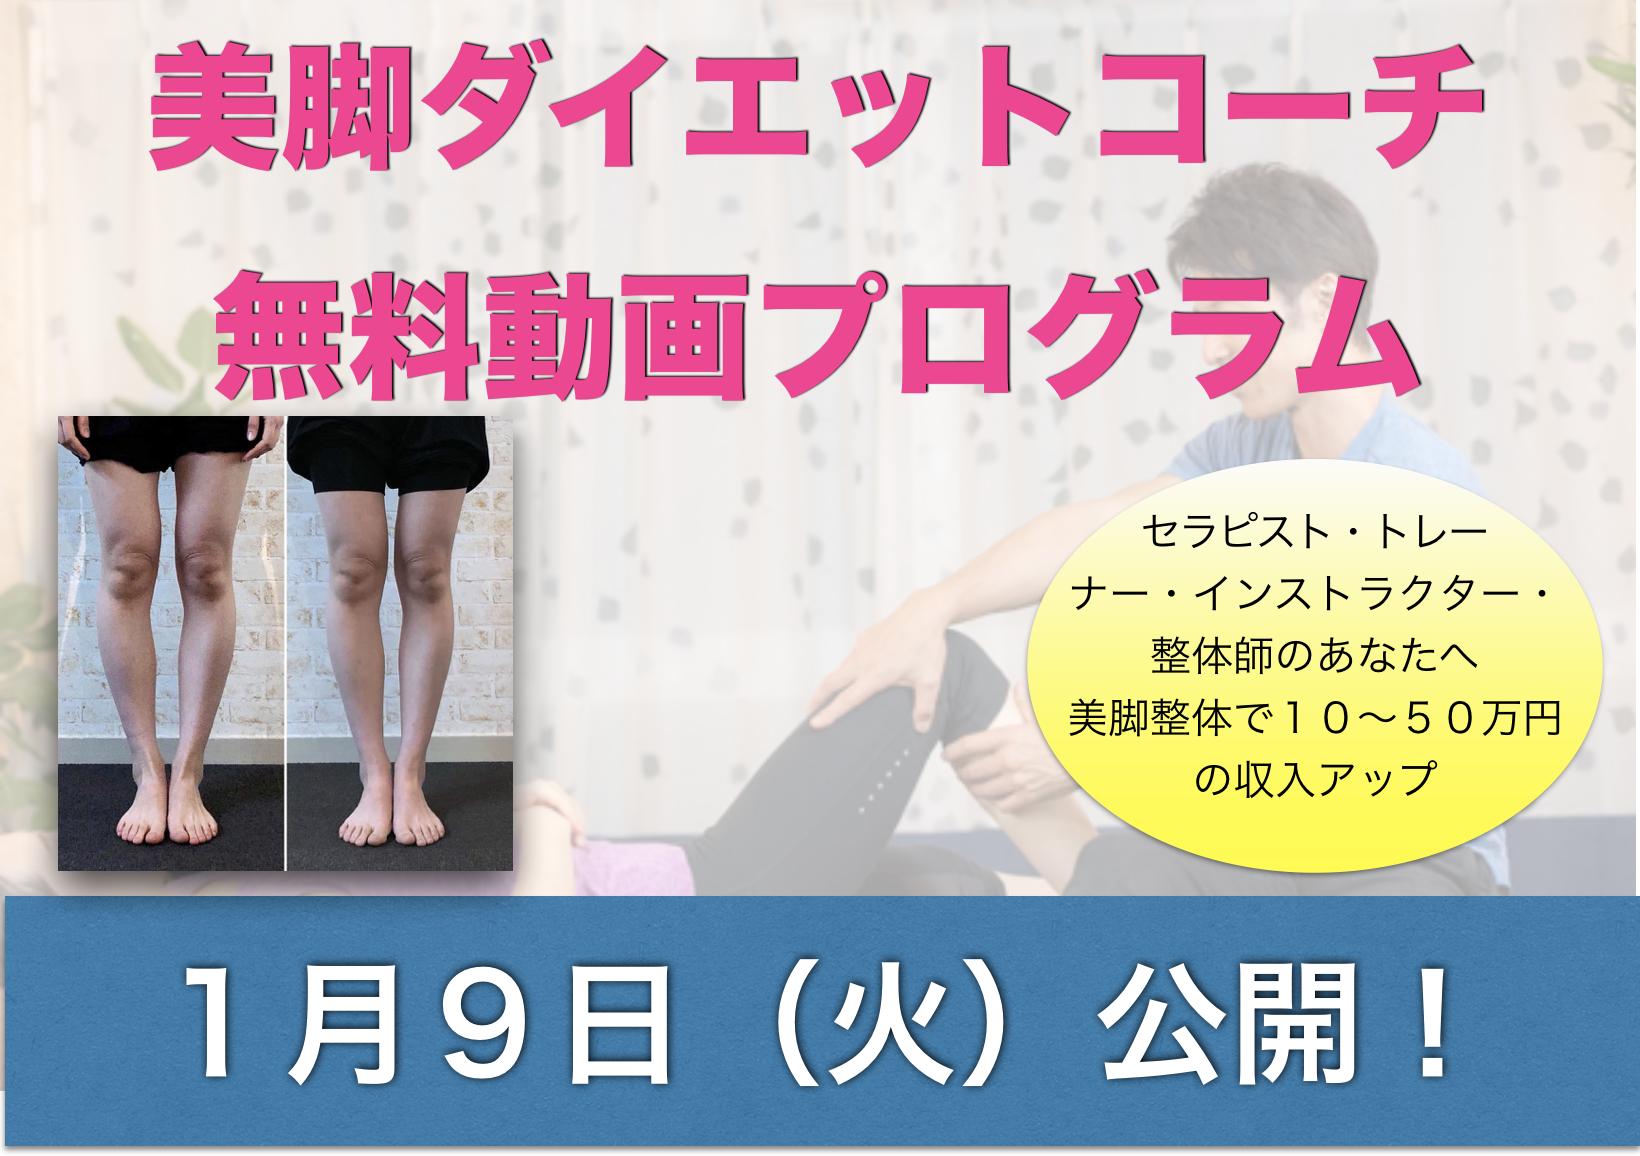 1月9日公開!美脚ダイエットコーチ養成講座のカリキュラム公開!